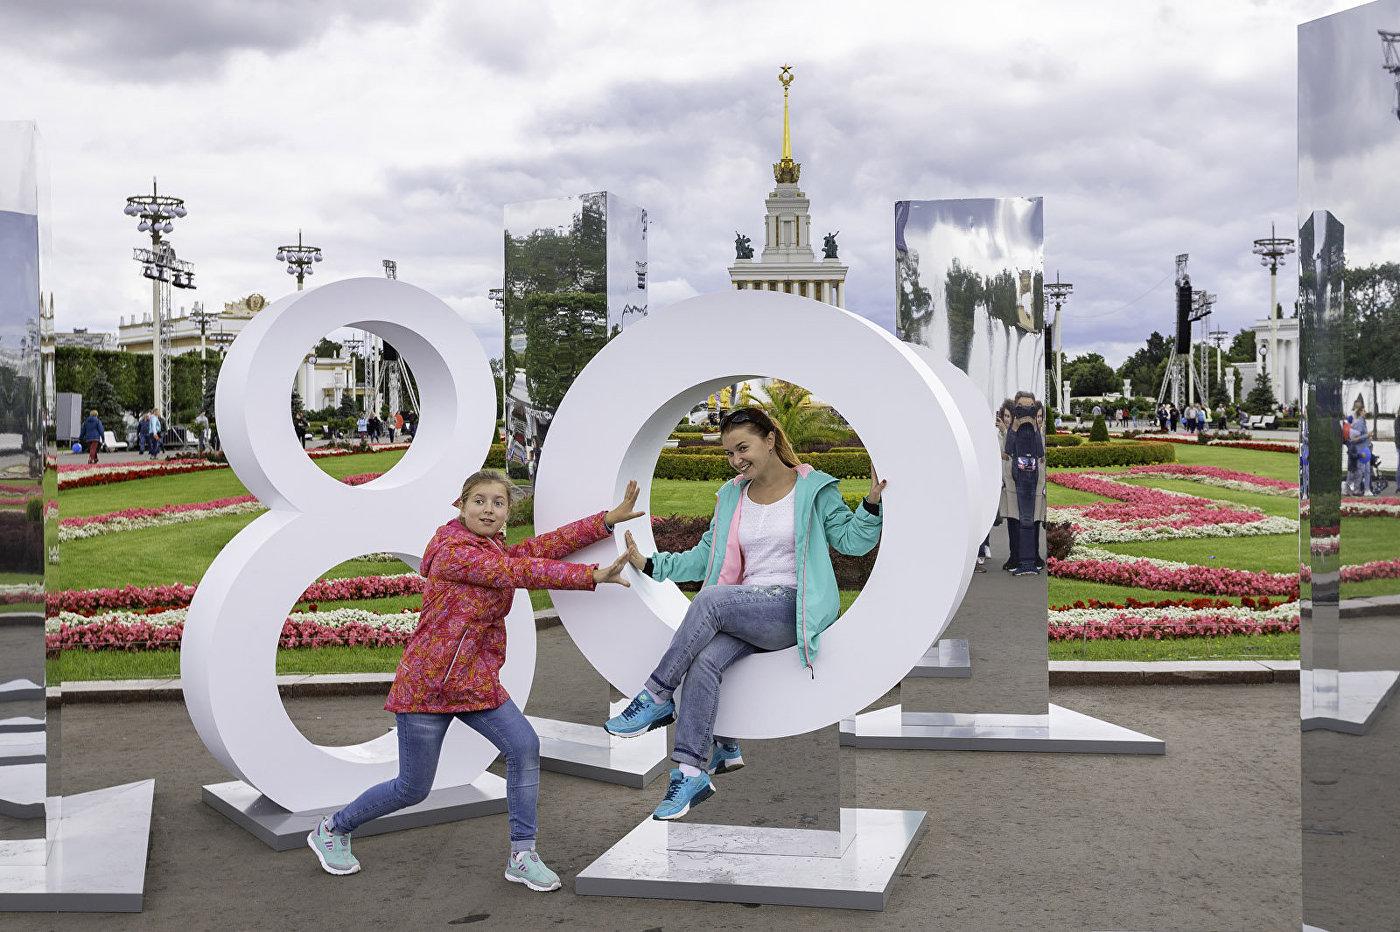 焕然一新的全俄国民经济成就展览馆成为最受莫斯科人欢迎的全家休闲的地方之一。